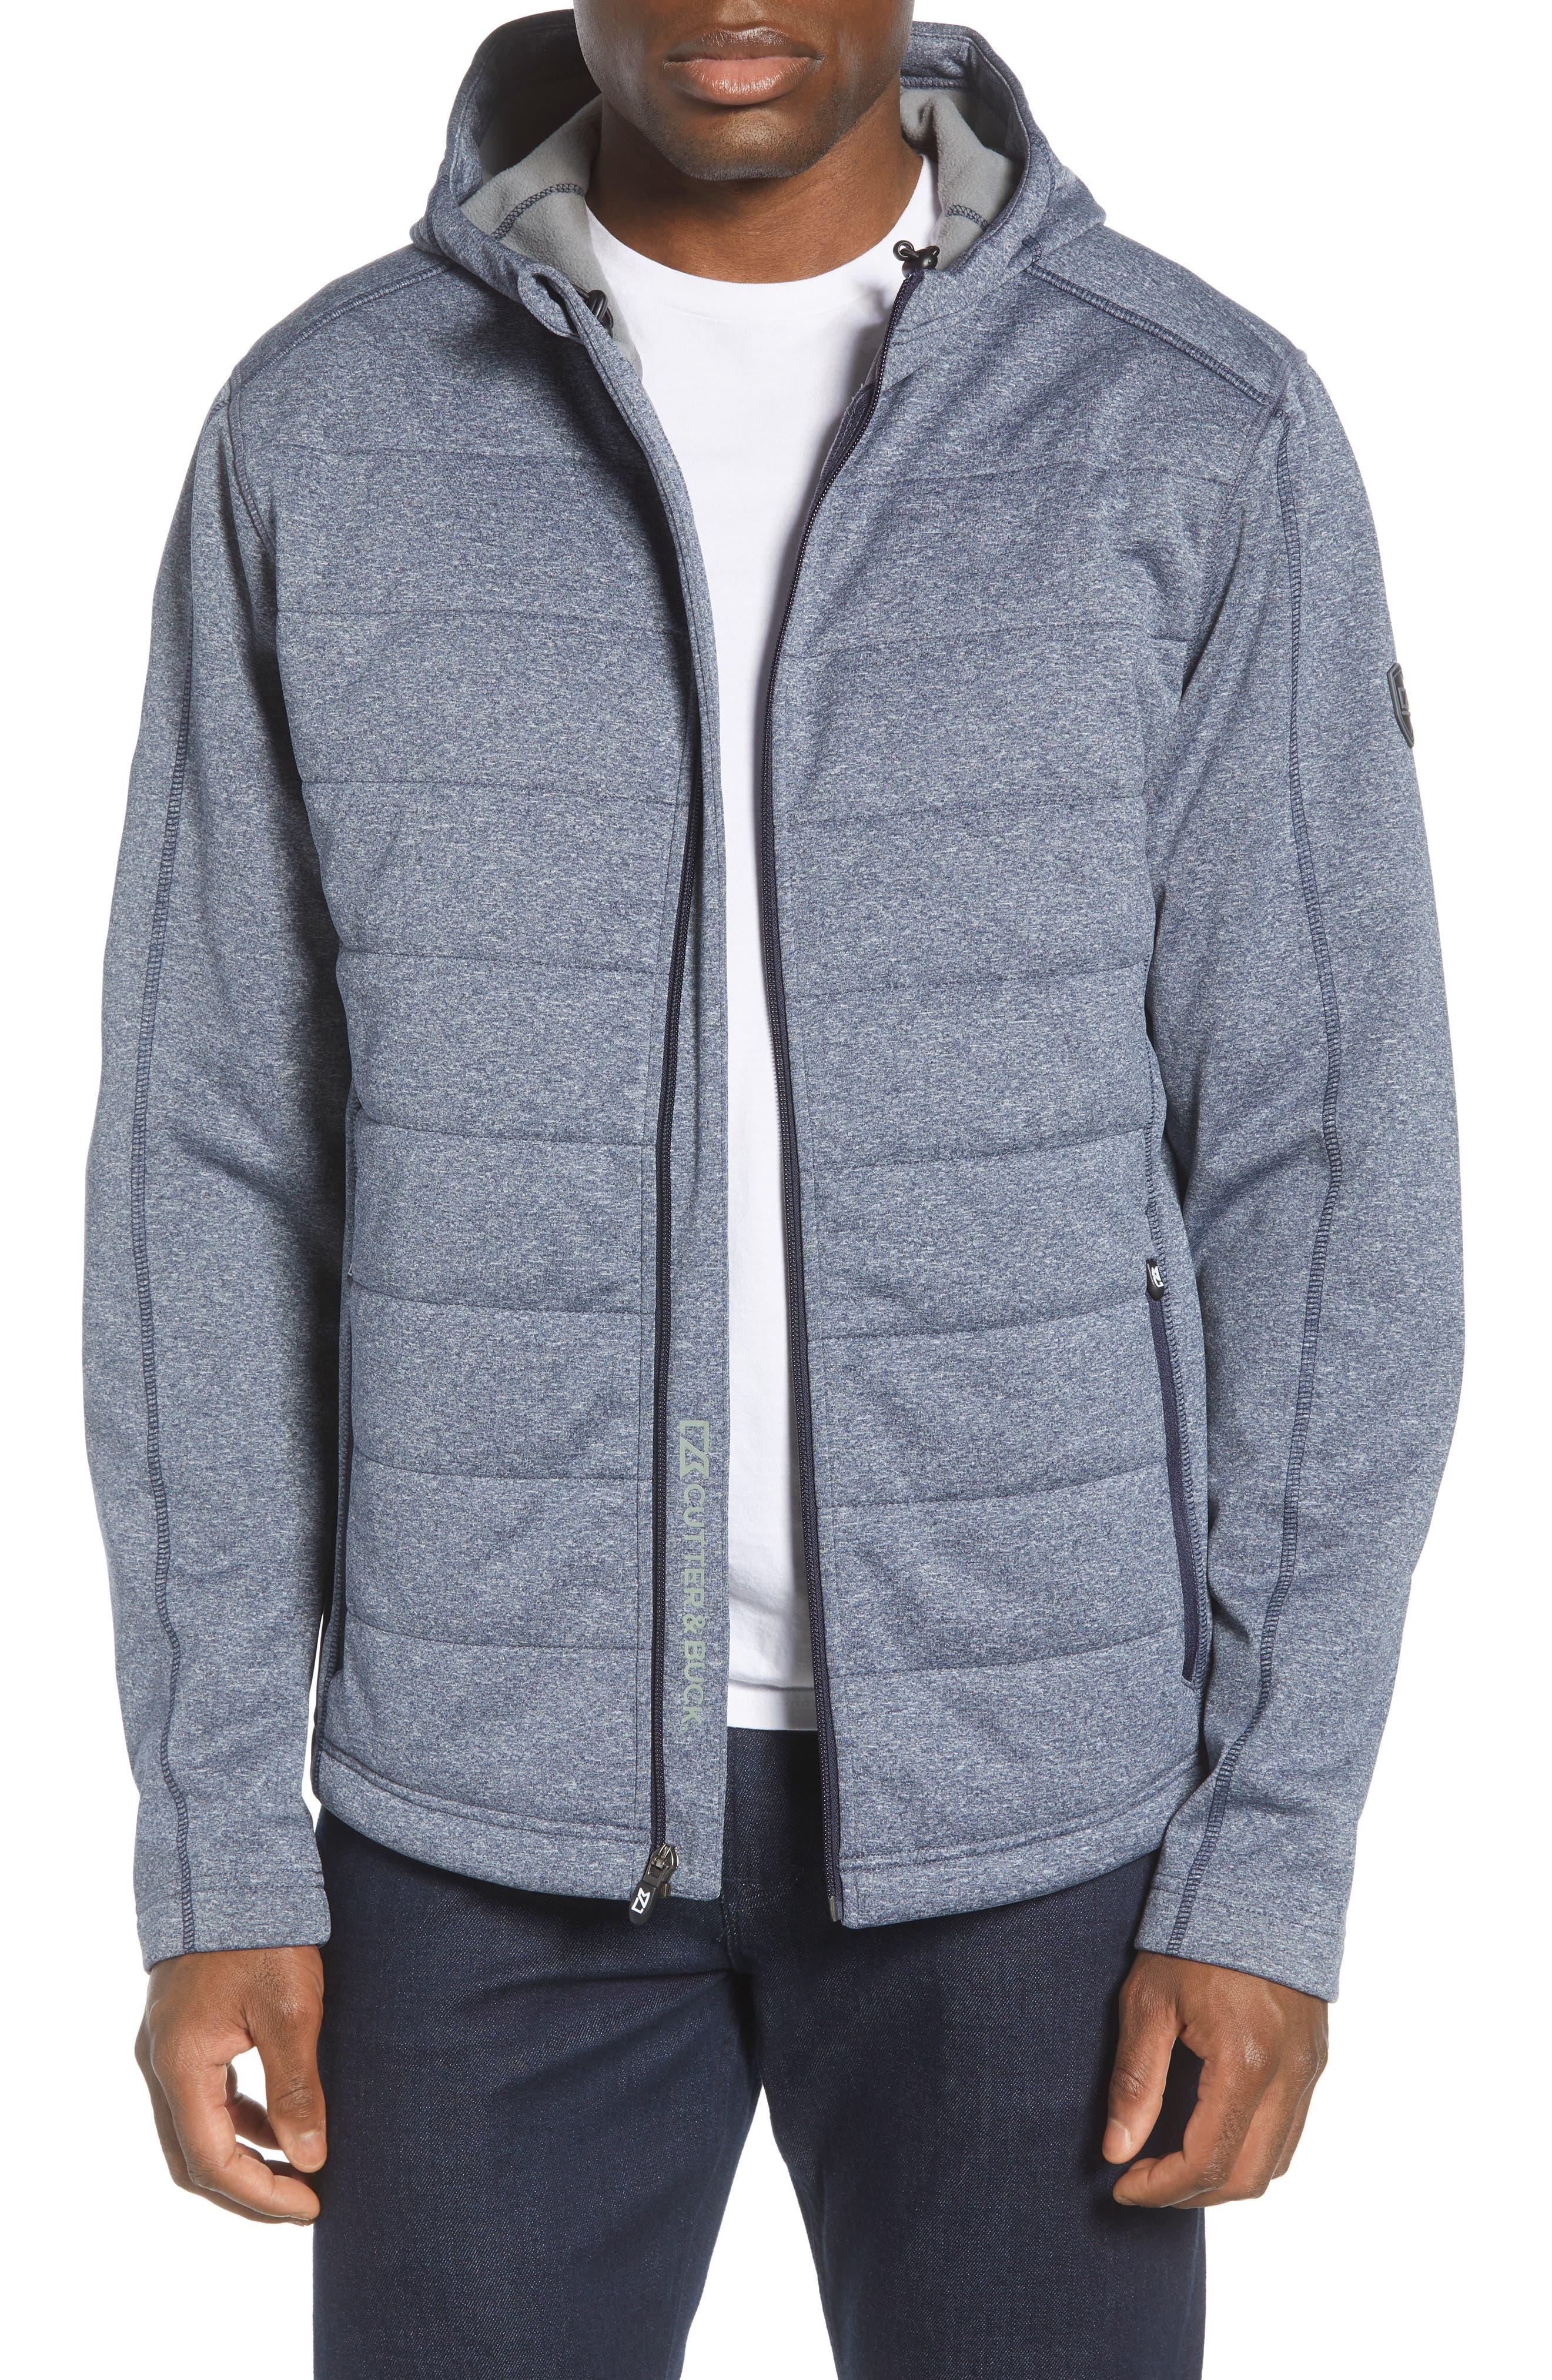 Altitude Weathertec Hooded Jacket